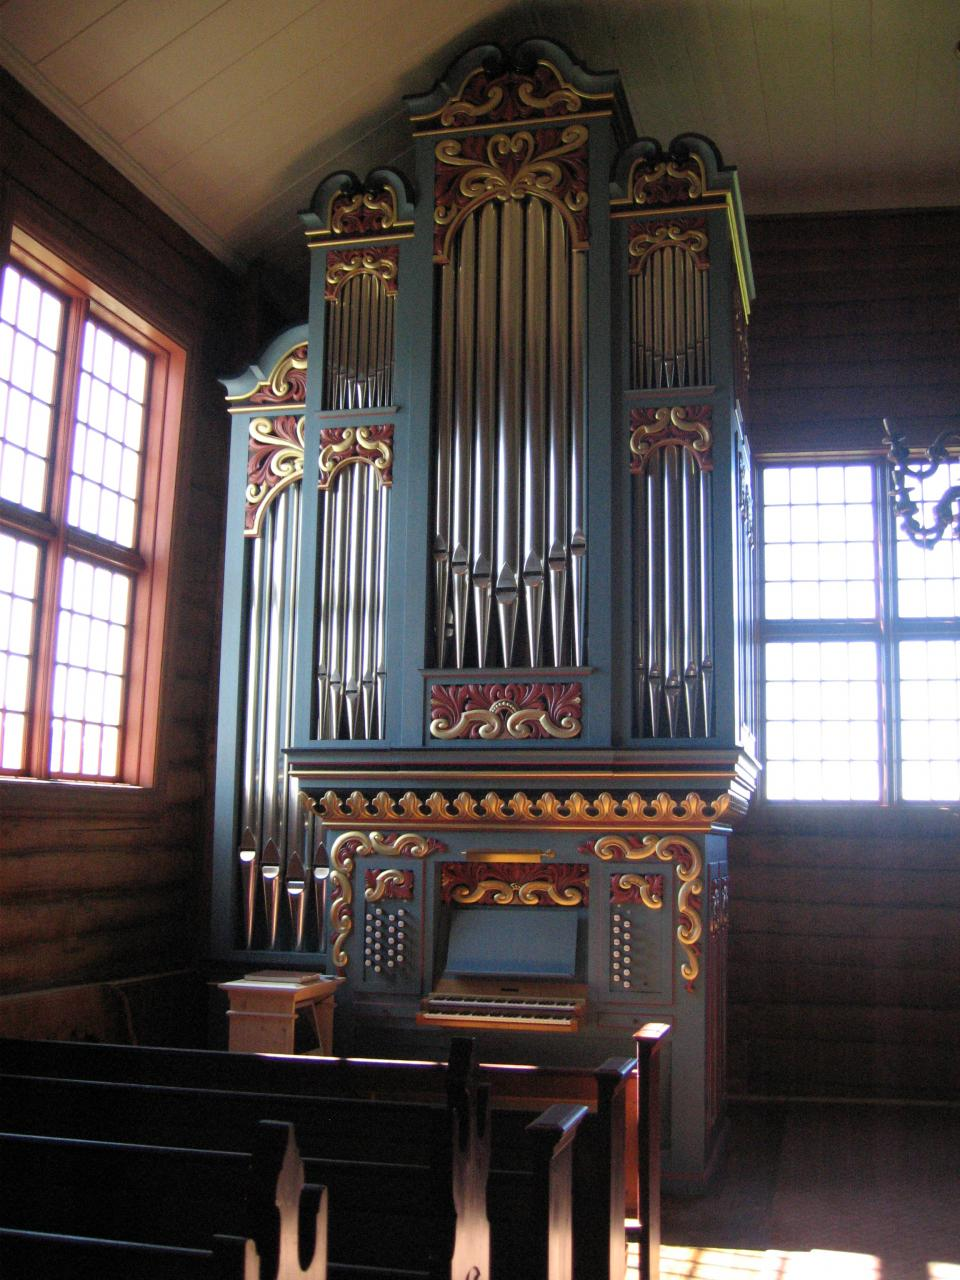 https://oppdal.kirken.no/img/14_01_22_Oppdal_kirke/Nytt_orgel_1.jpg